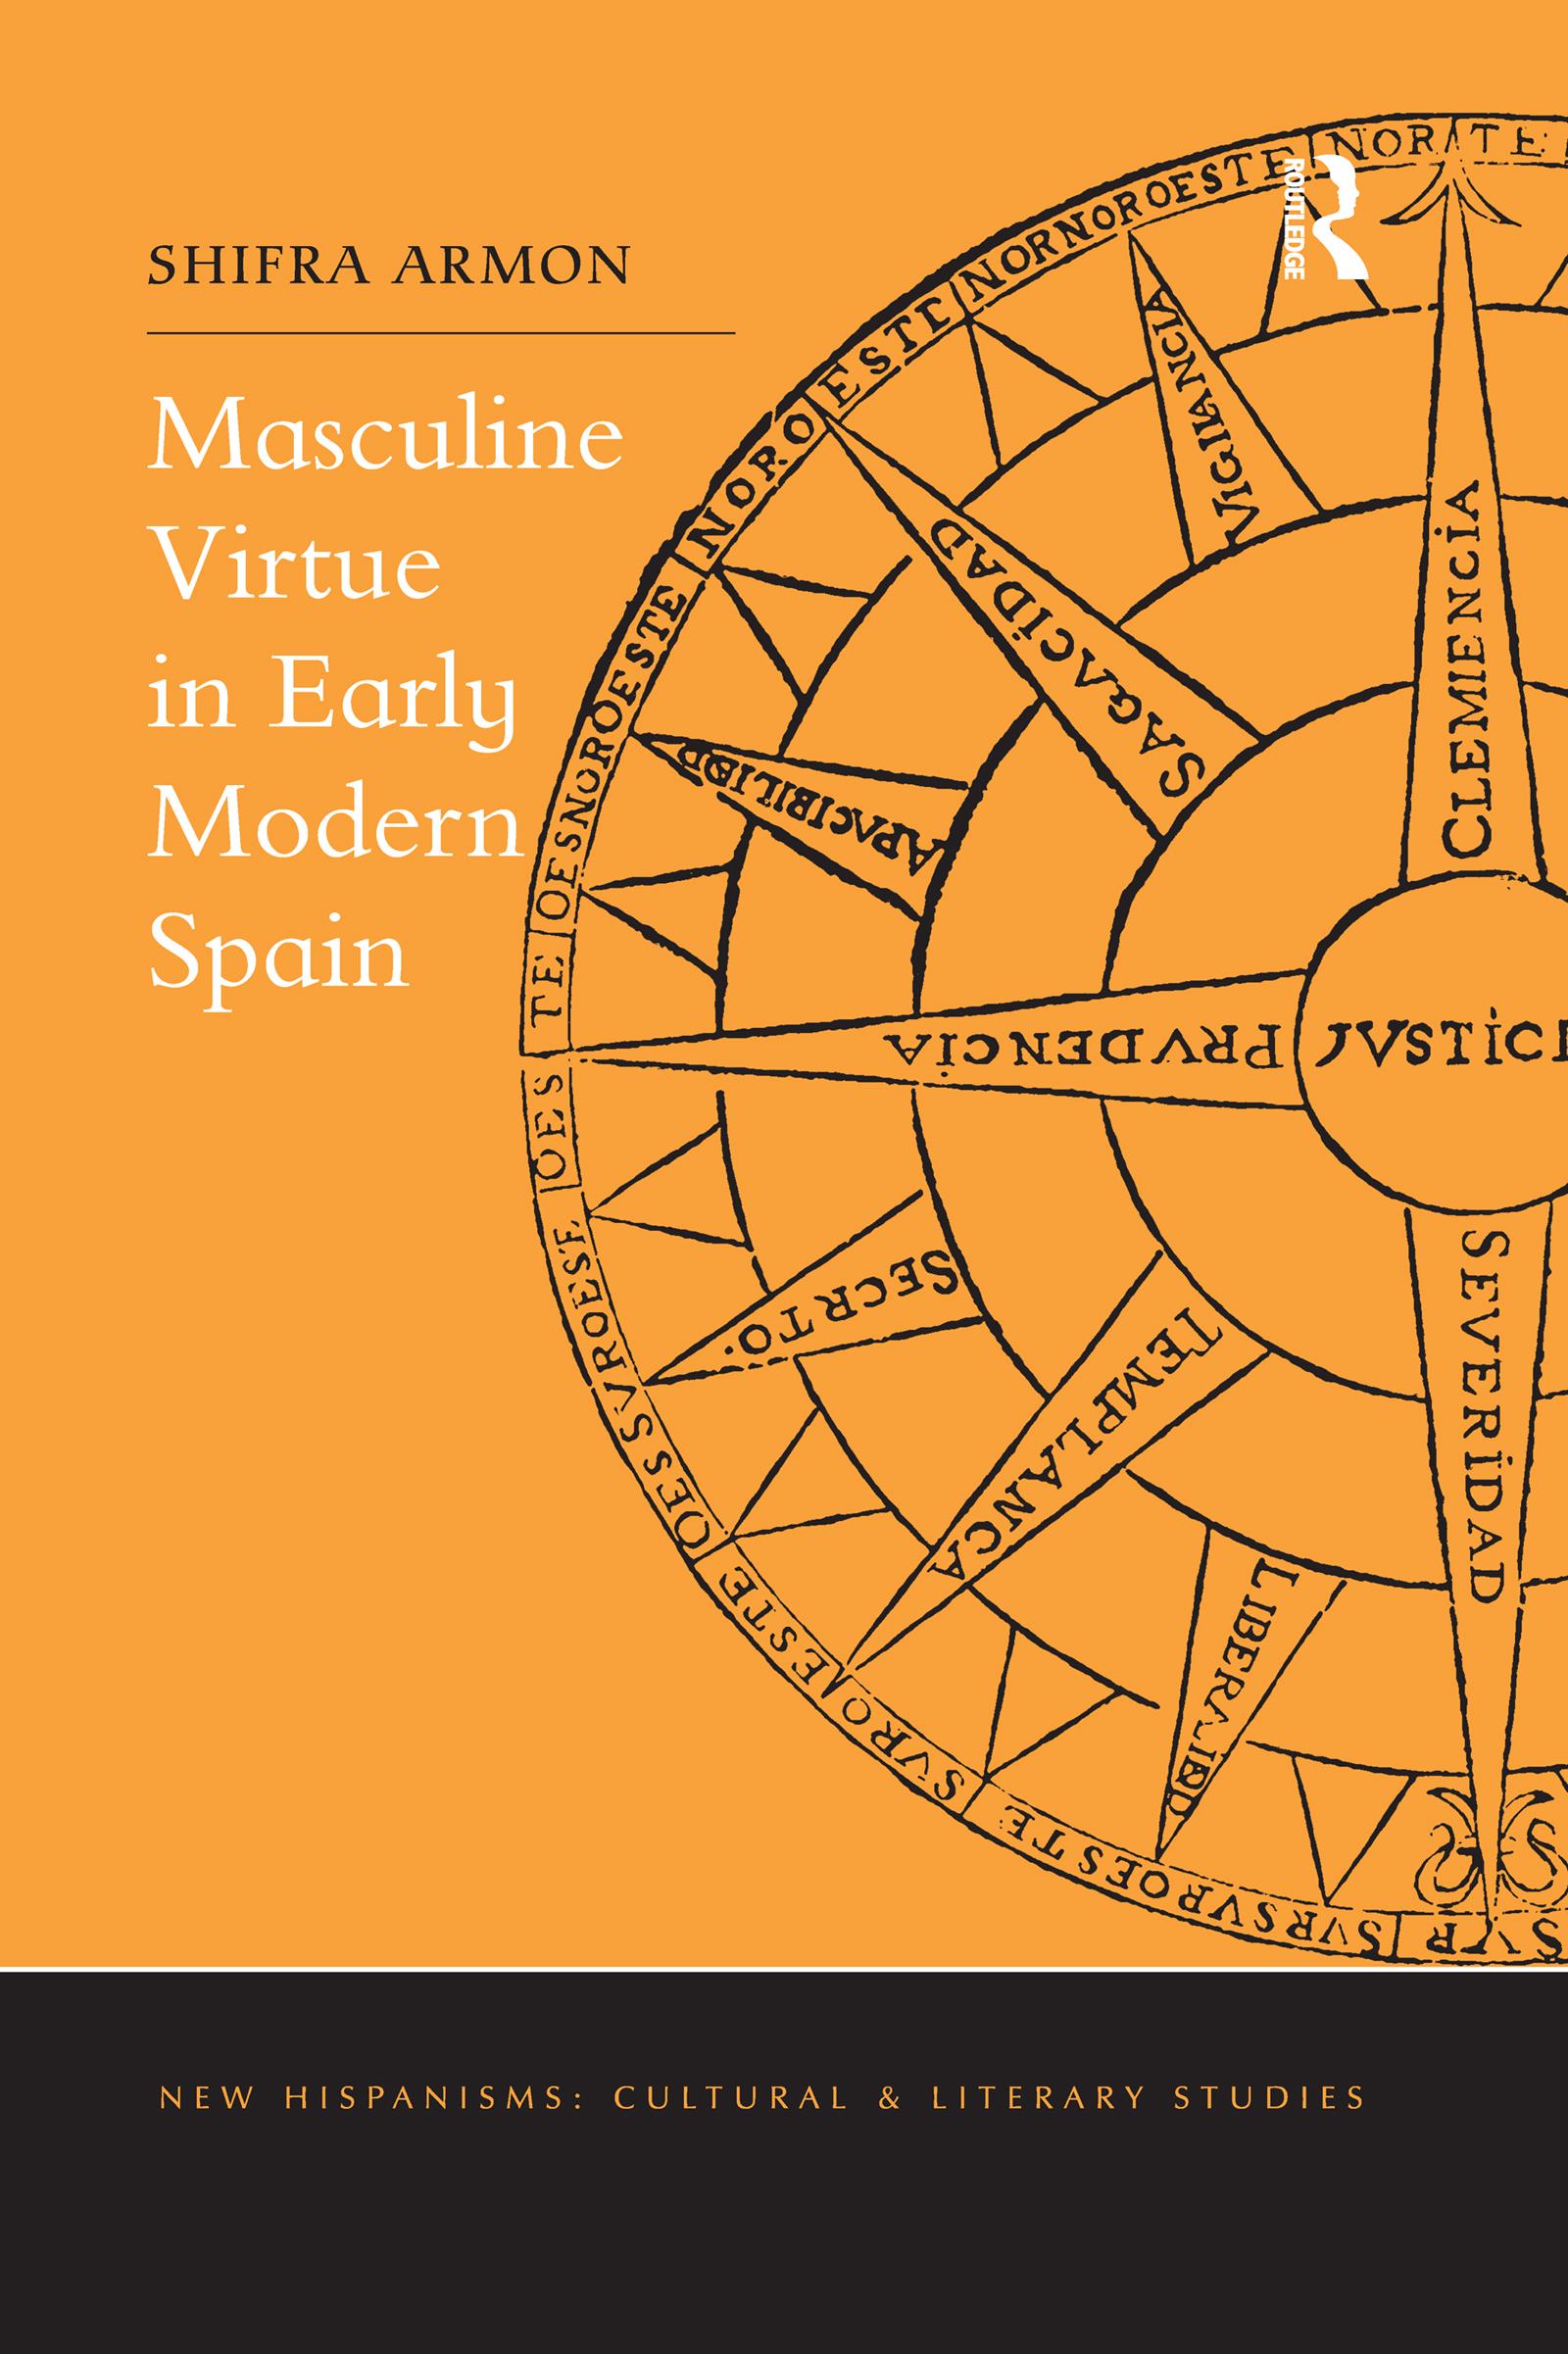 Masculine Virtue in Early Modern Spain